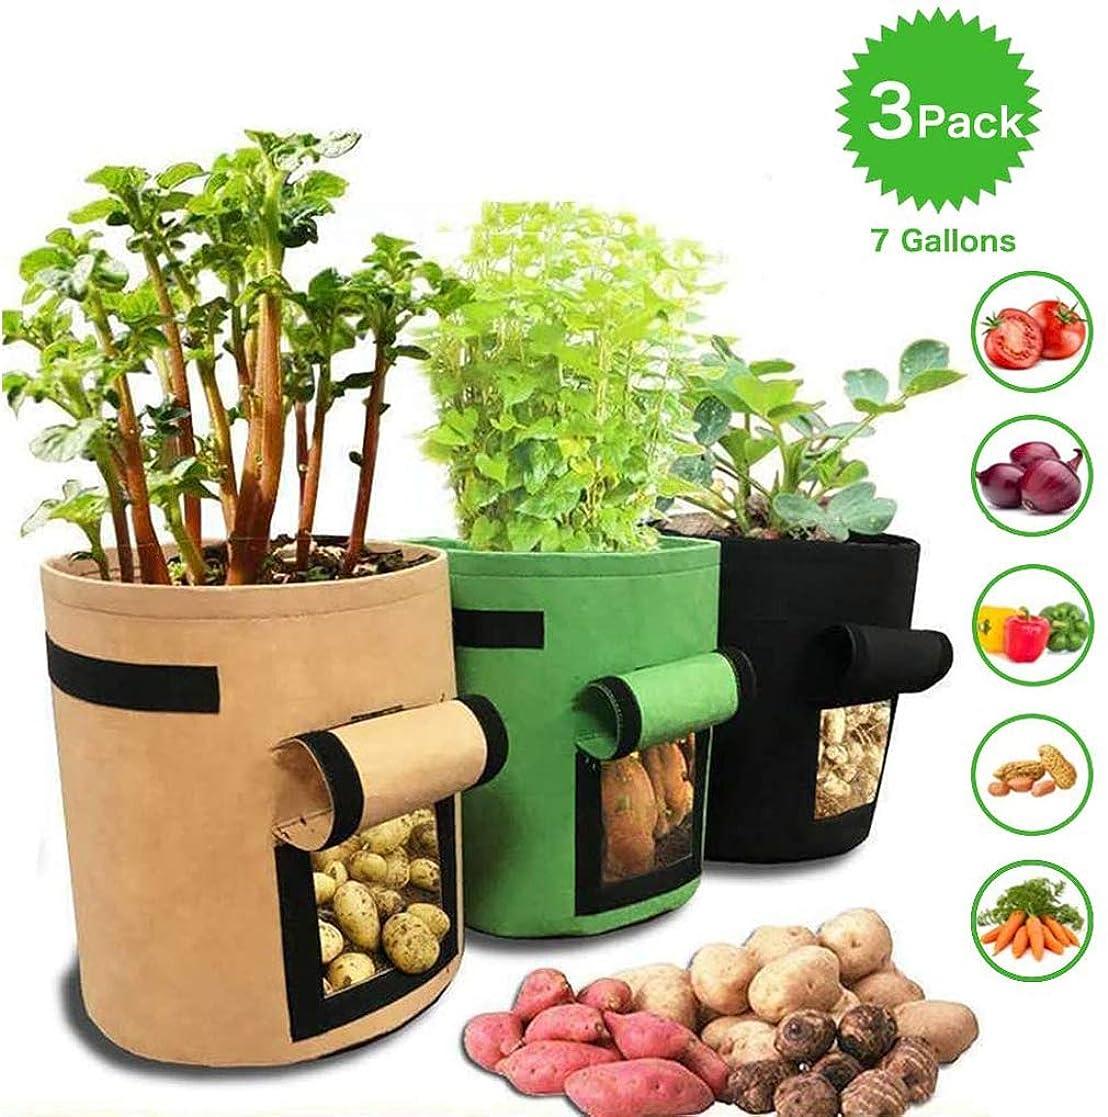 かすれた報奨金なぞらえる3パック栽培バッグジャガイモプランターバッグ、ジャガイモトマト&その他の野菜 不織布用の庭の植栽ボックス、植物コンテナポット,7 gallons